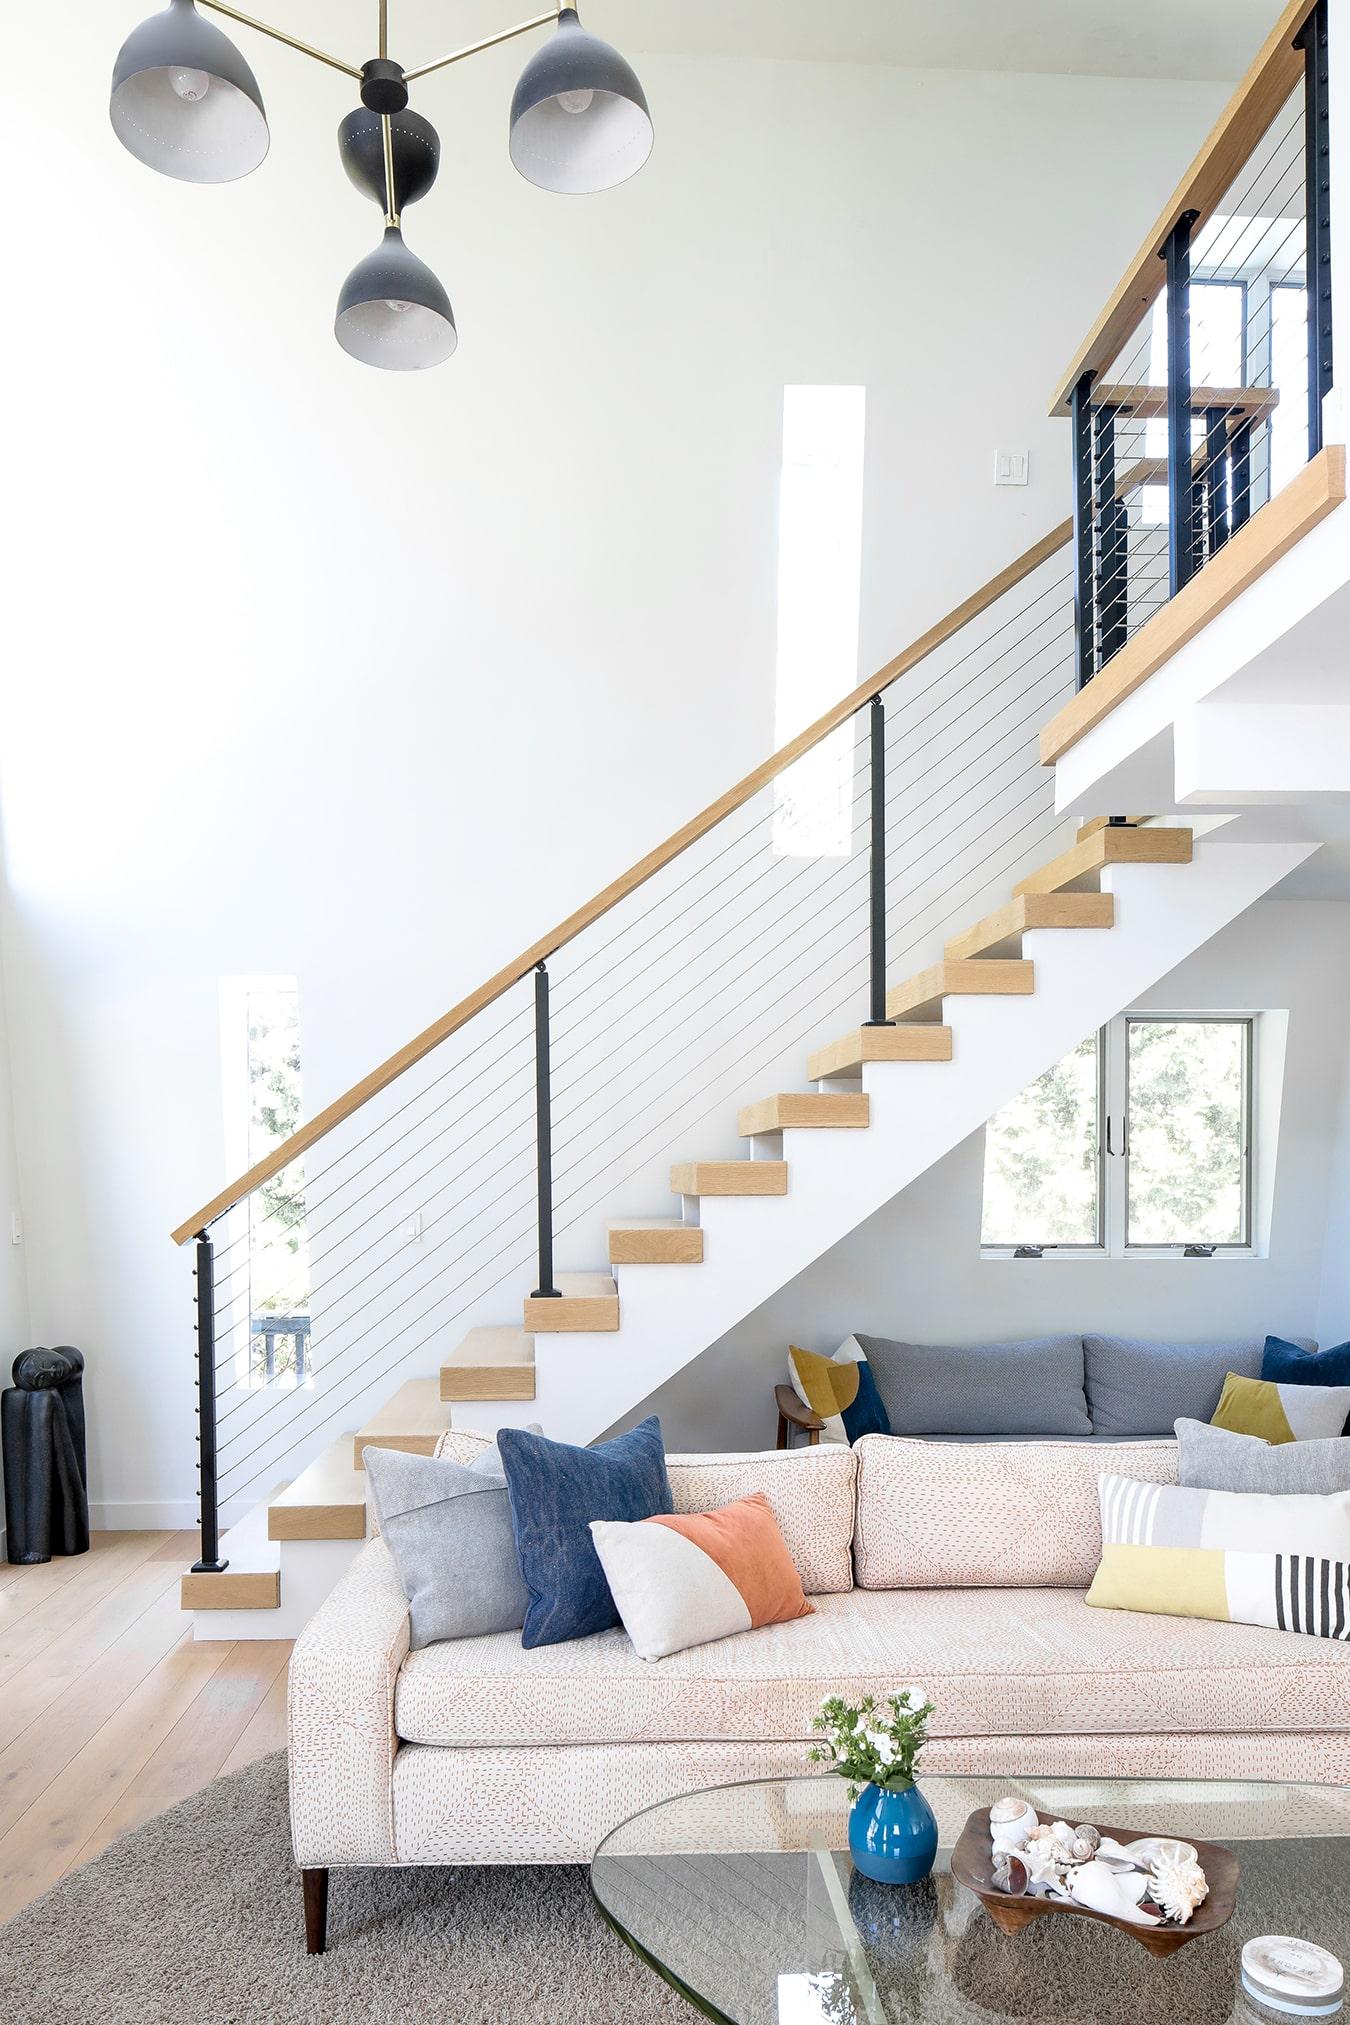 Full gut renovation for New York mid century home